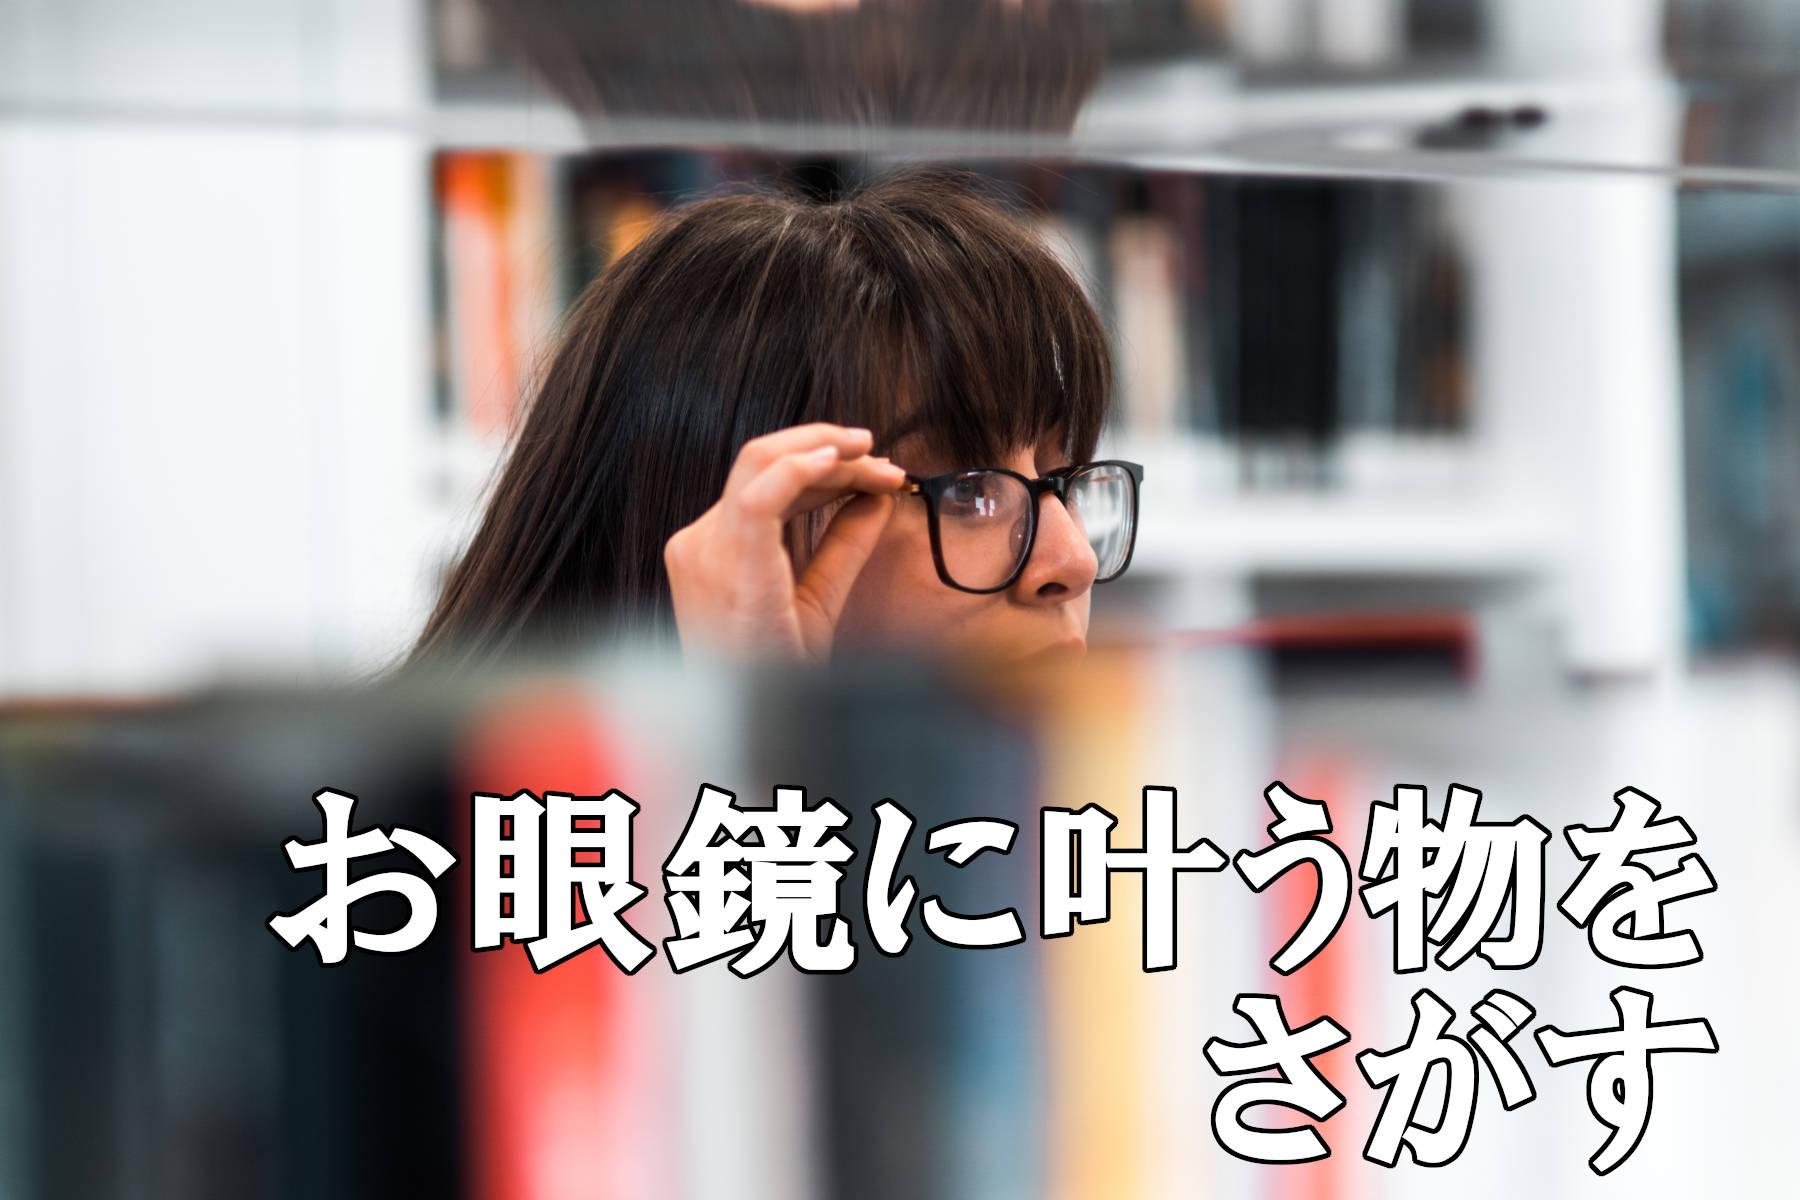 お眼鏡に叶う物を探す